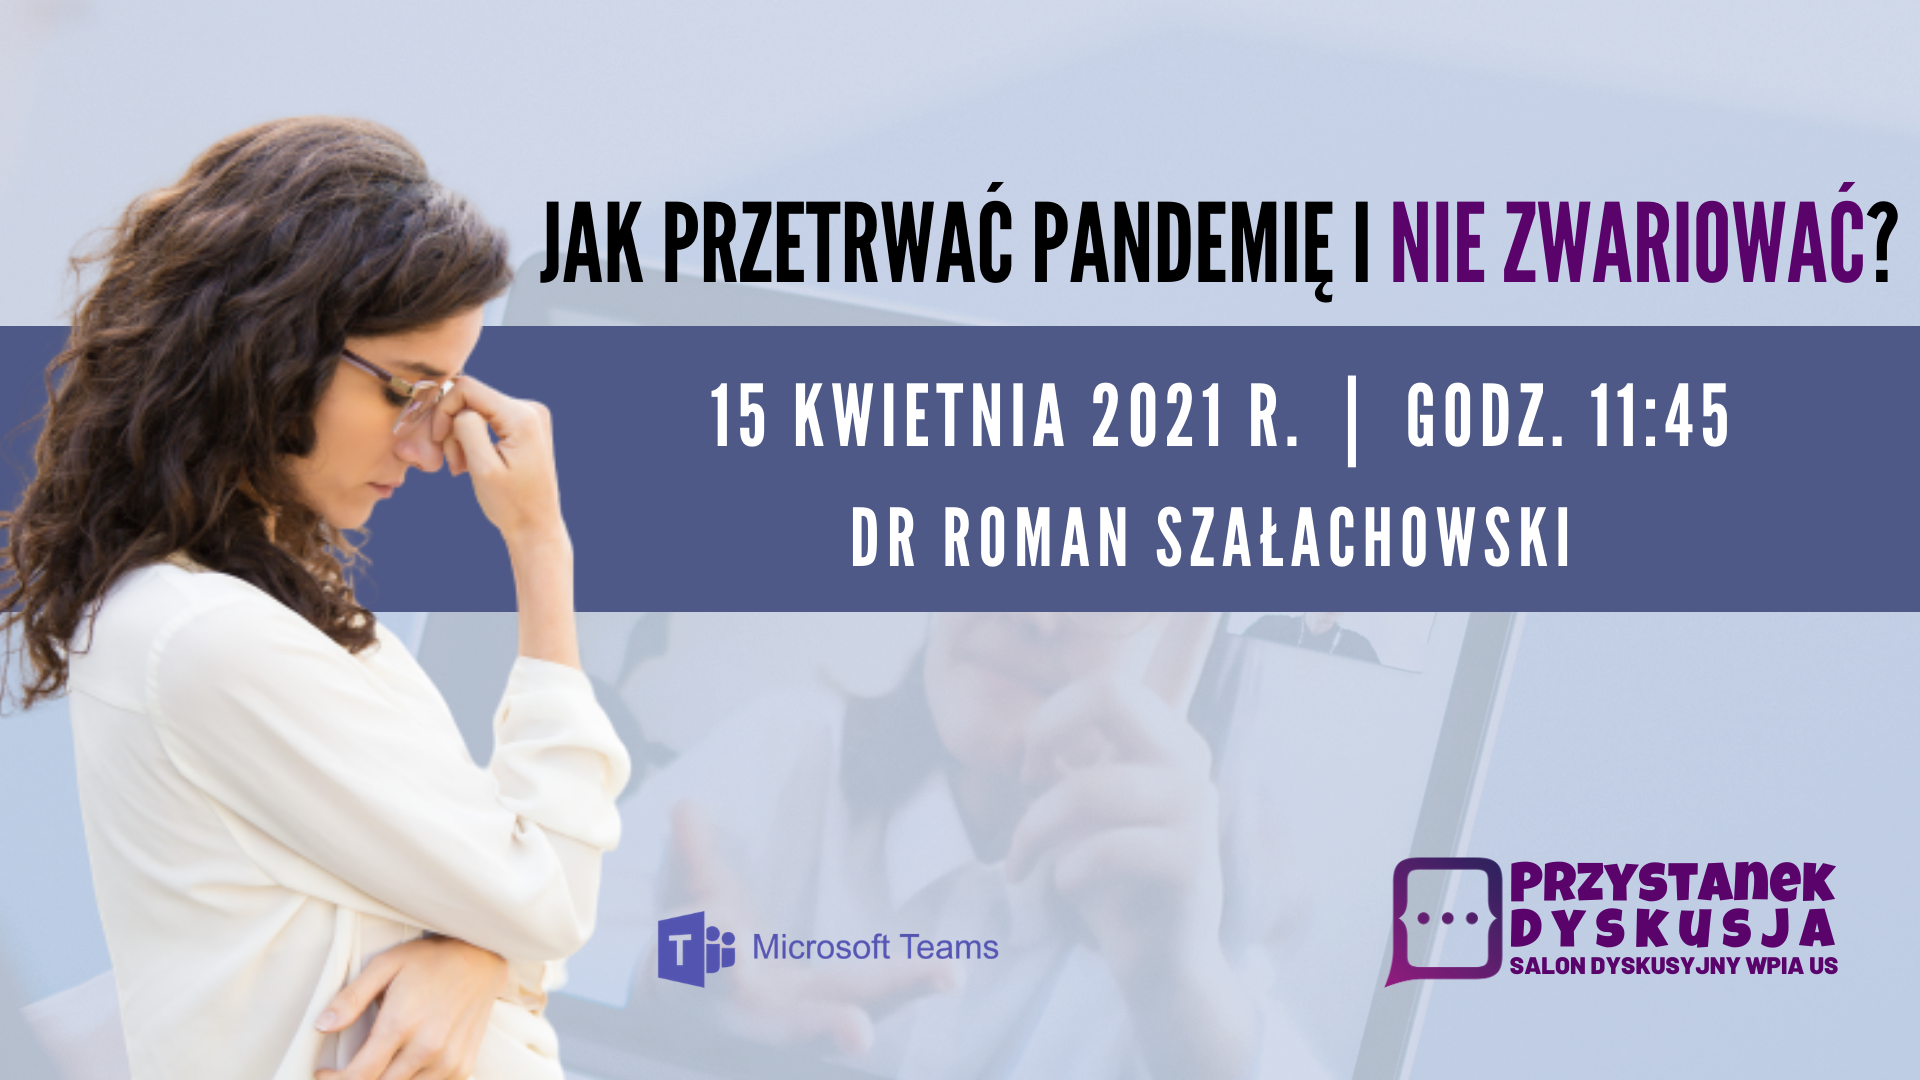 """""""Jak przetrwać pandemię i nie zwariować?"""" – Przystanek Dyskusja (15 IV 2021)"""